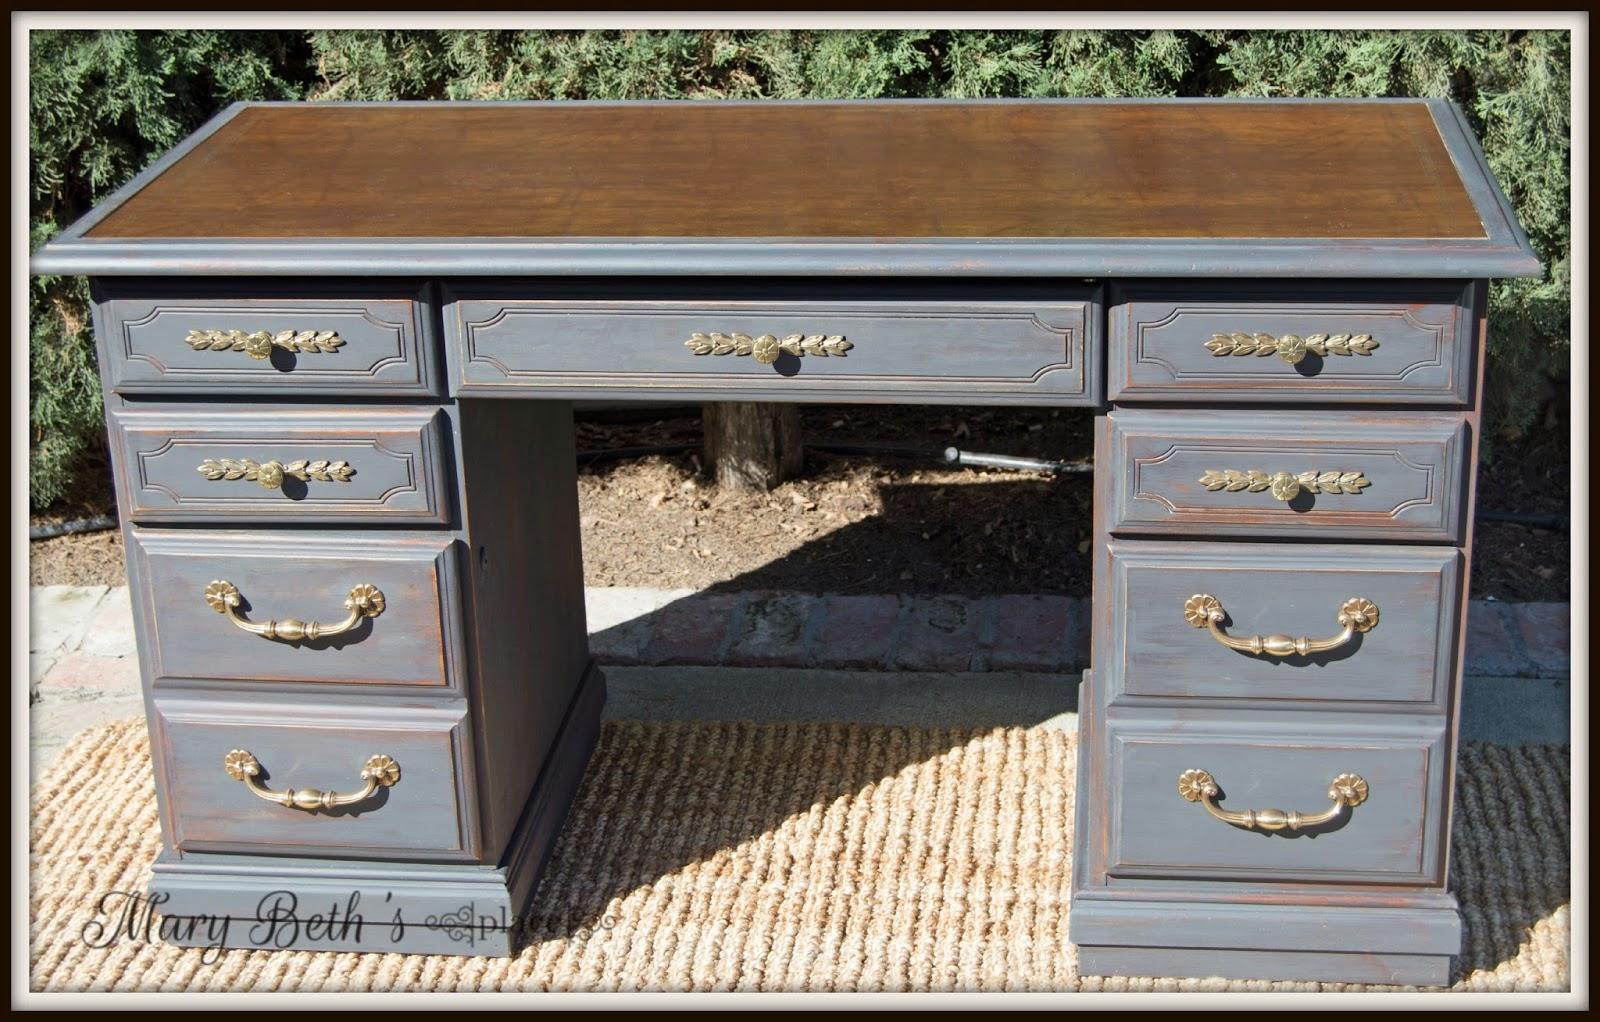 mary beth 39 s place restoring a vintage leather desk. Black Bedroom Furniture Sets. Home Design Ideas